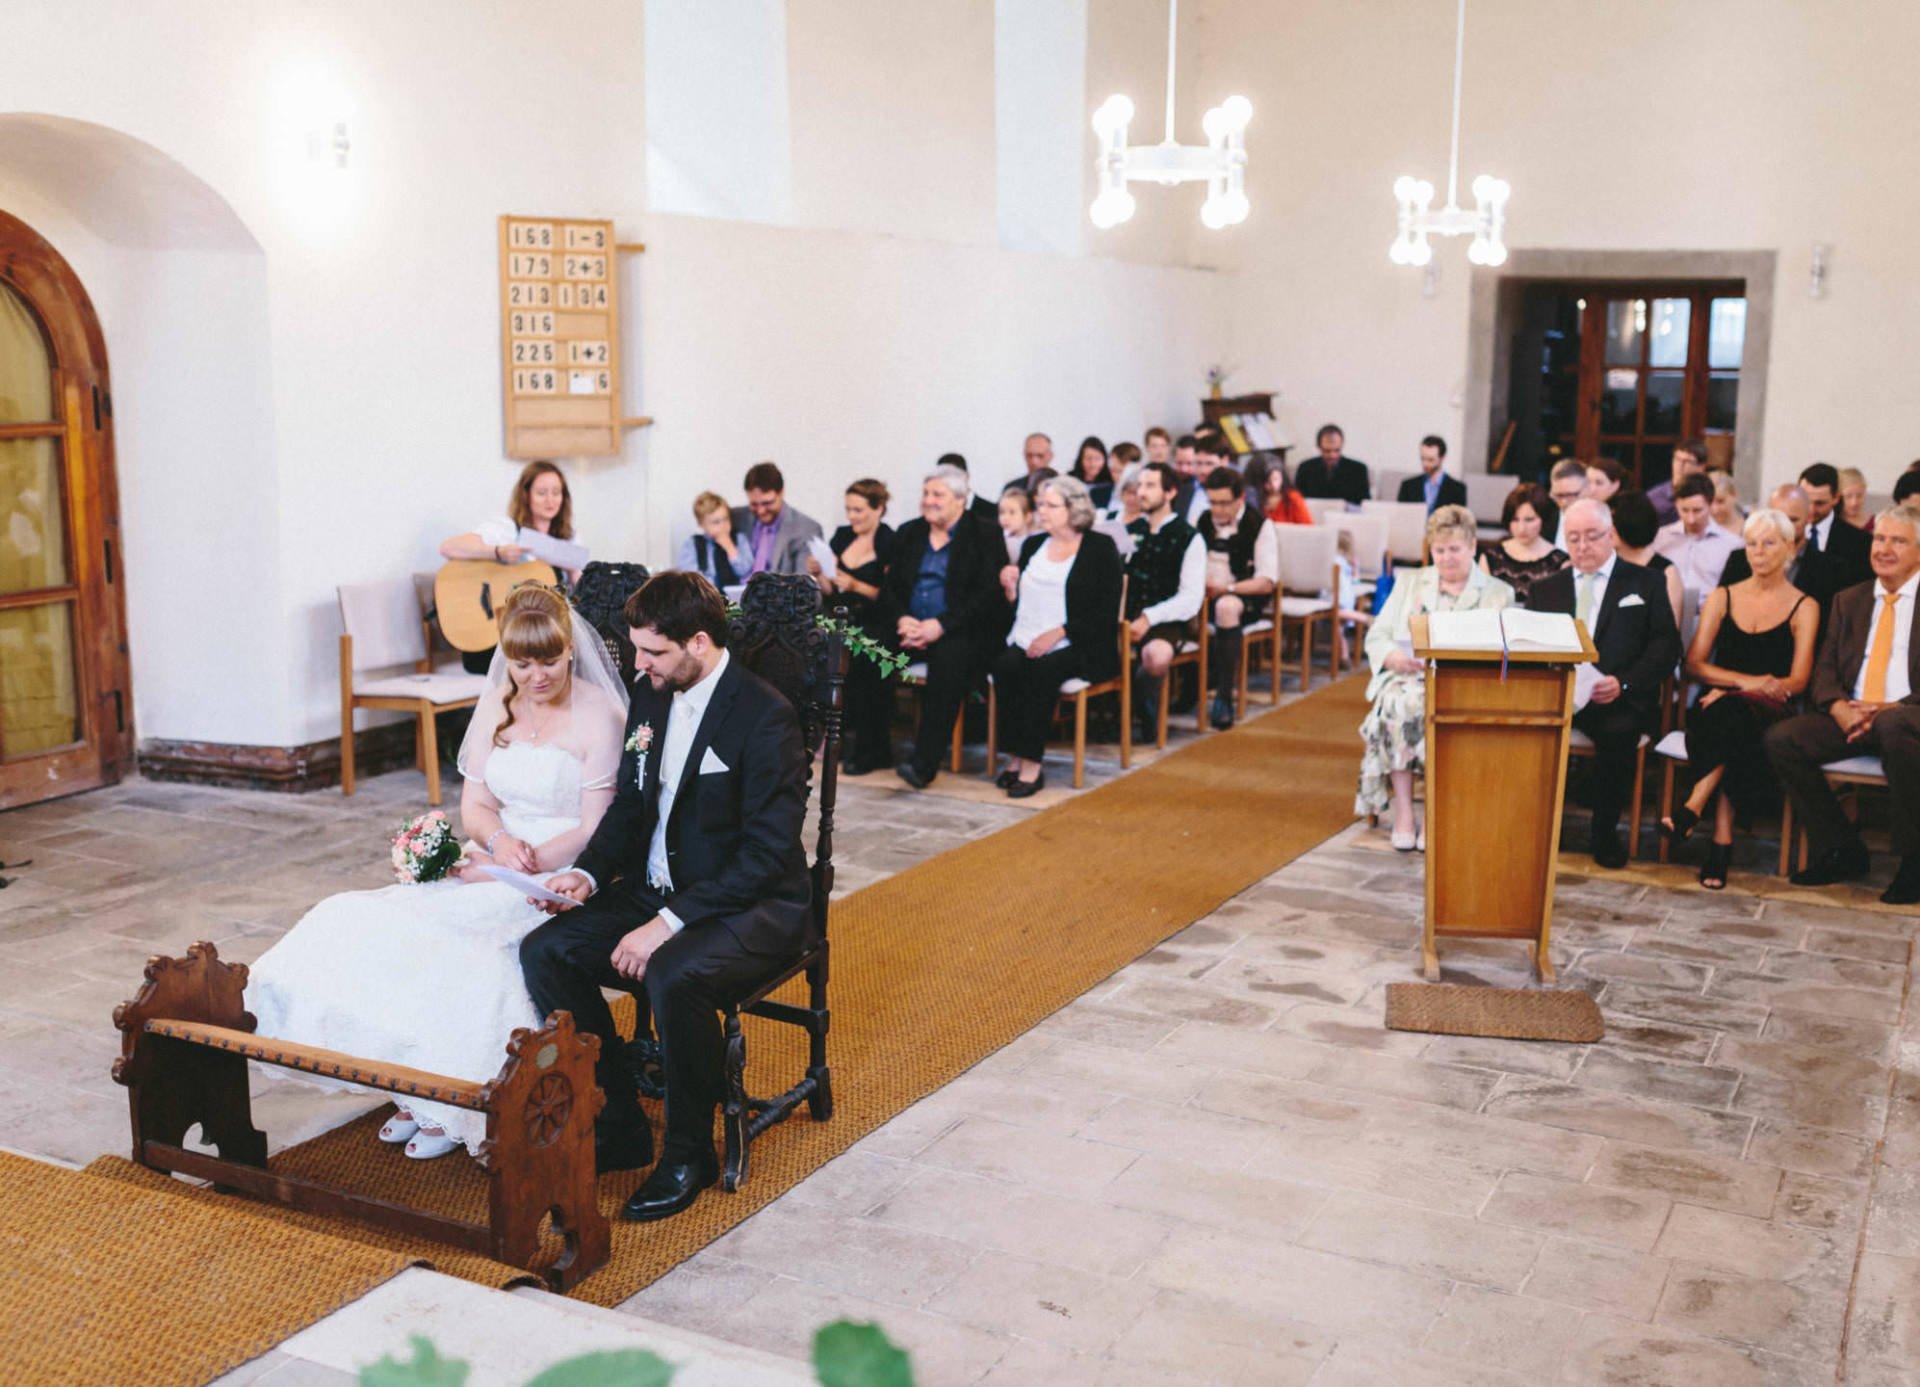 Bayrische Hochzeit 17 - Bayrische Jagdhüttenhochzeit in Thüringen